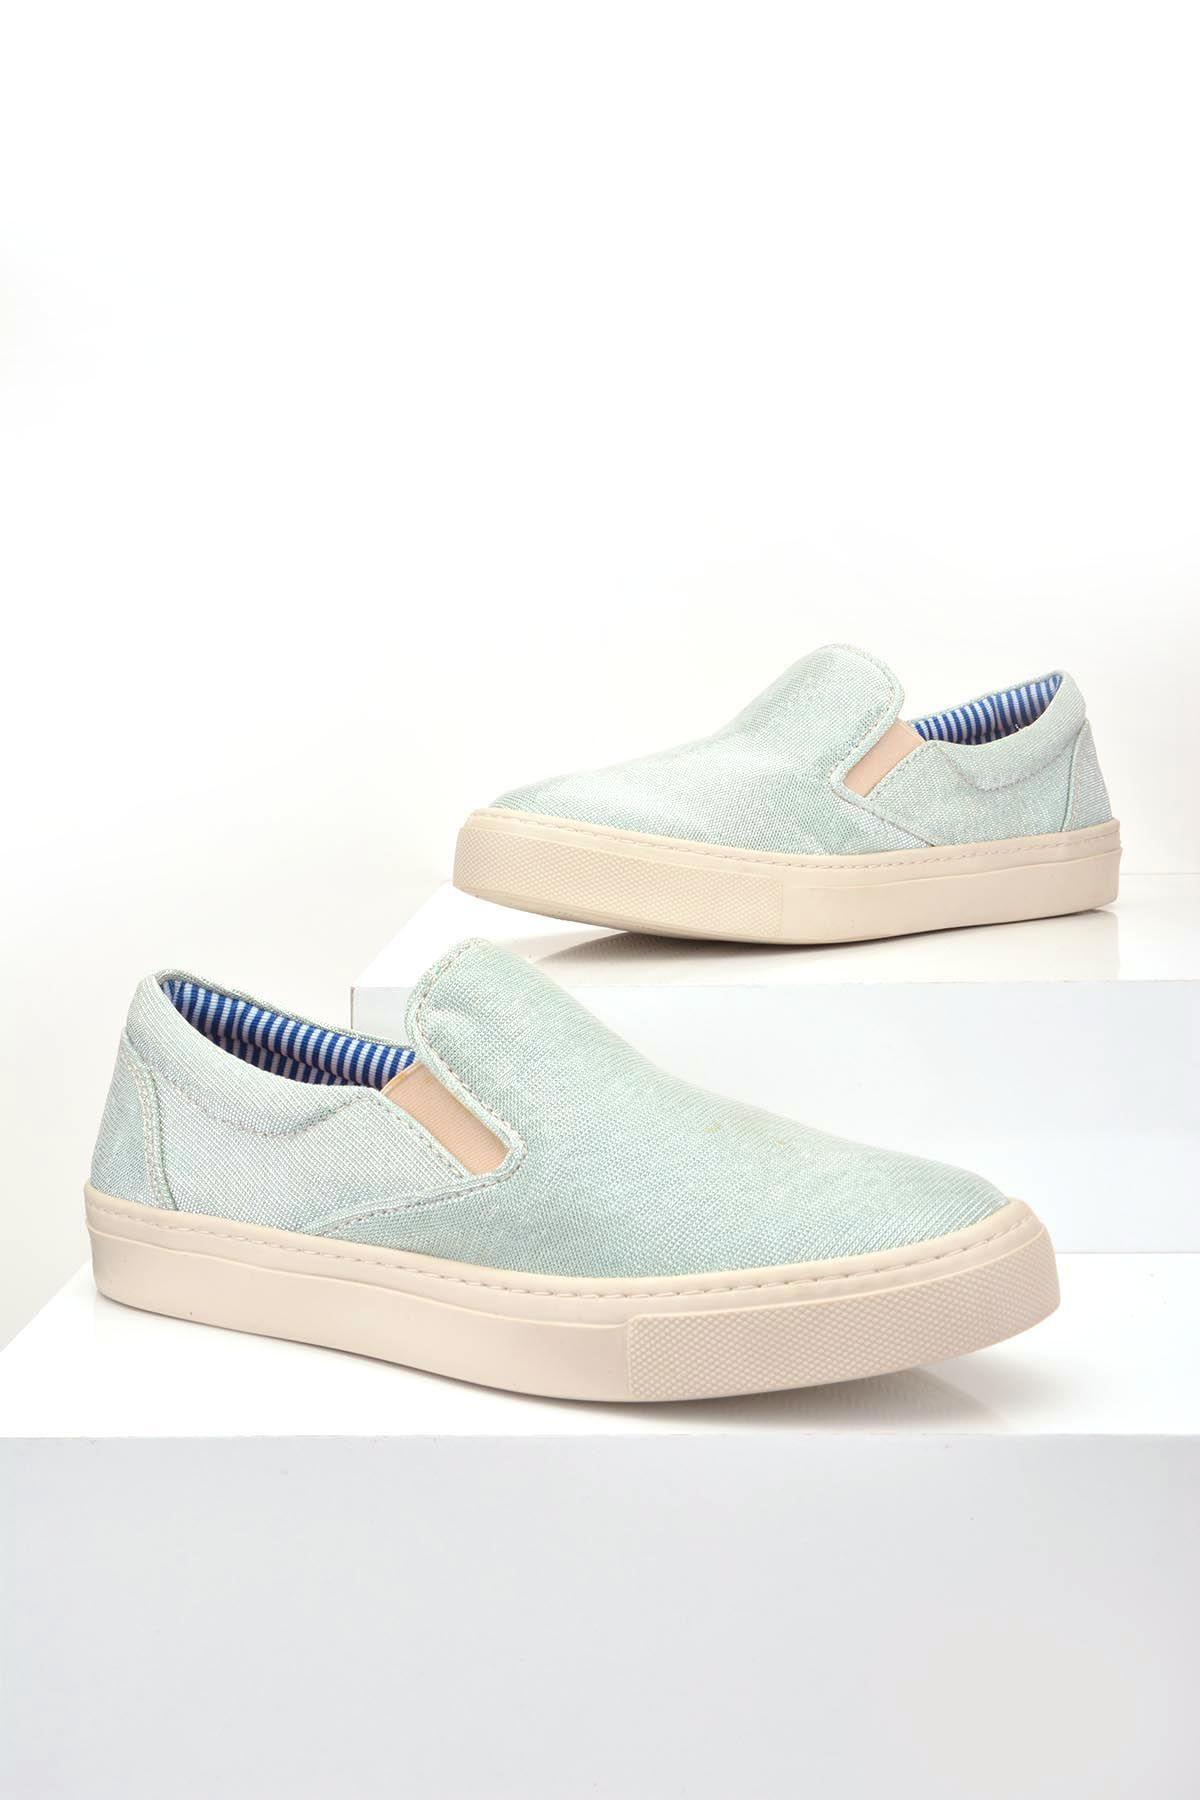 Art Goya Simli Kumaş Bayan Sneaker  Mavi